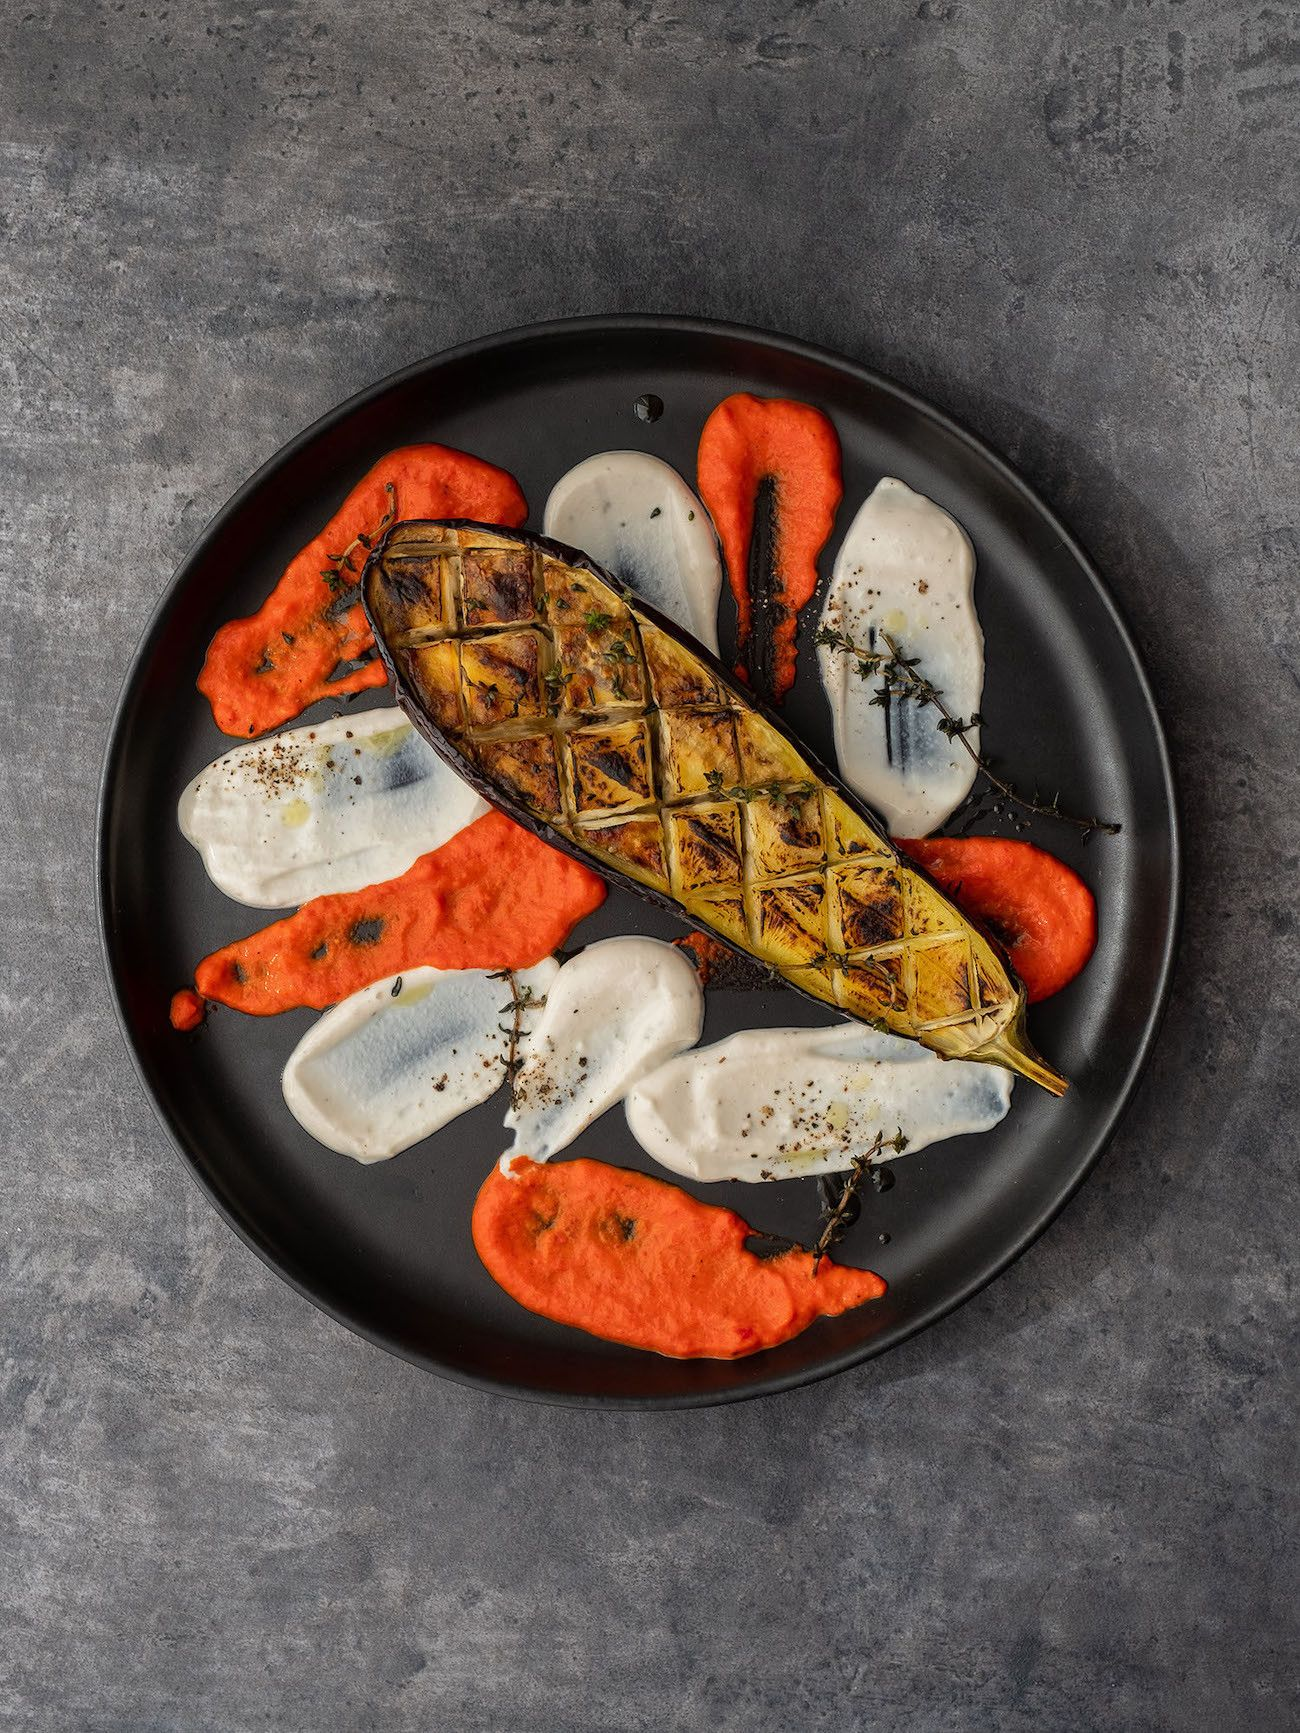 Foodblog About Fuel, Rezept Gegrillte Aubergine mit Joghurt-Tahin Soße und Paprika Dip, Vorspeise, Teller, Foodart